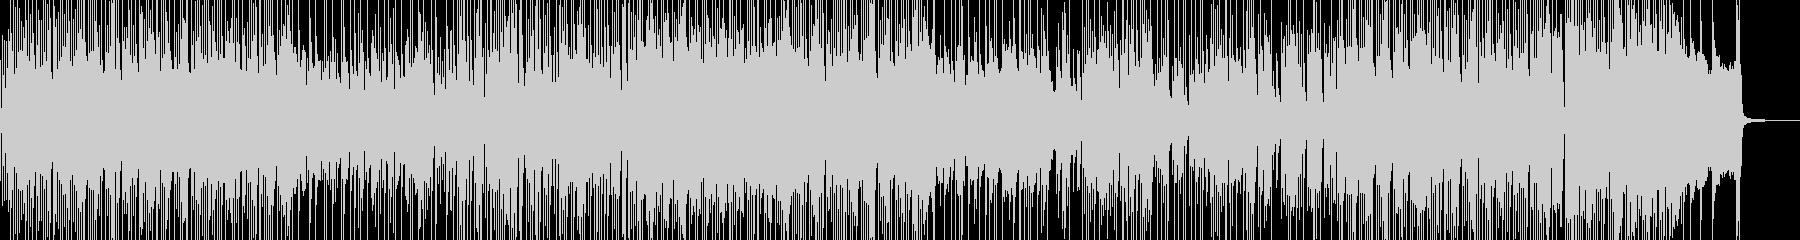 三味線・軽快&天晴れなジャズポップの未再生の波形